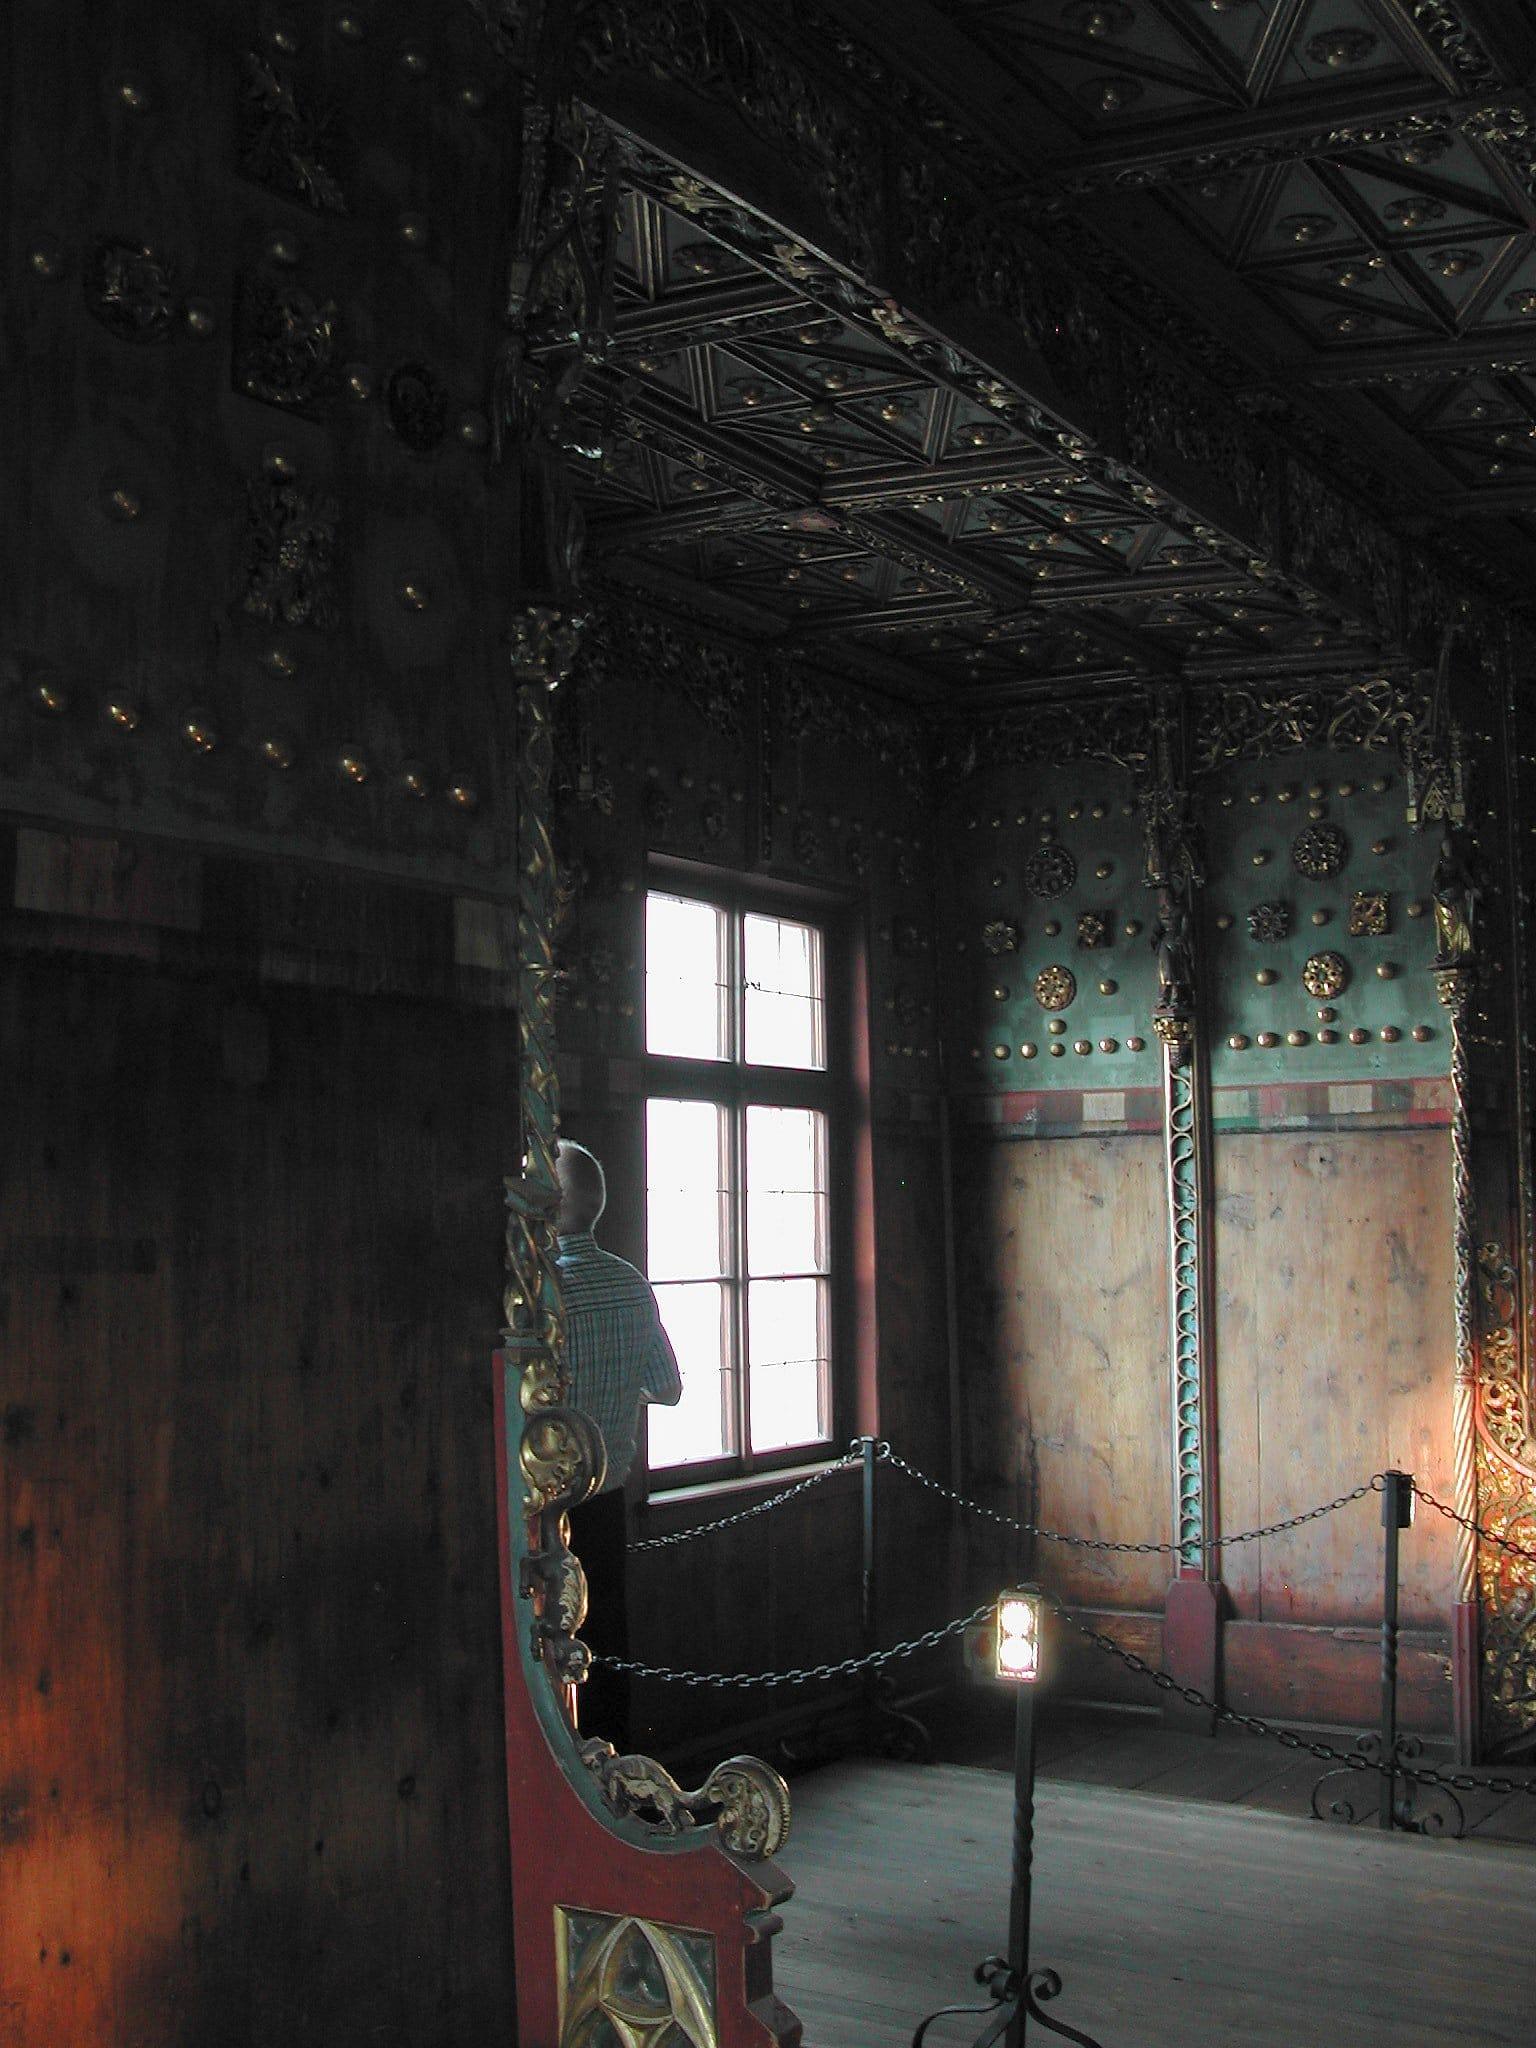 Încăpere din interiorul muzeului Hohensalzburg